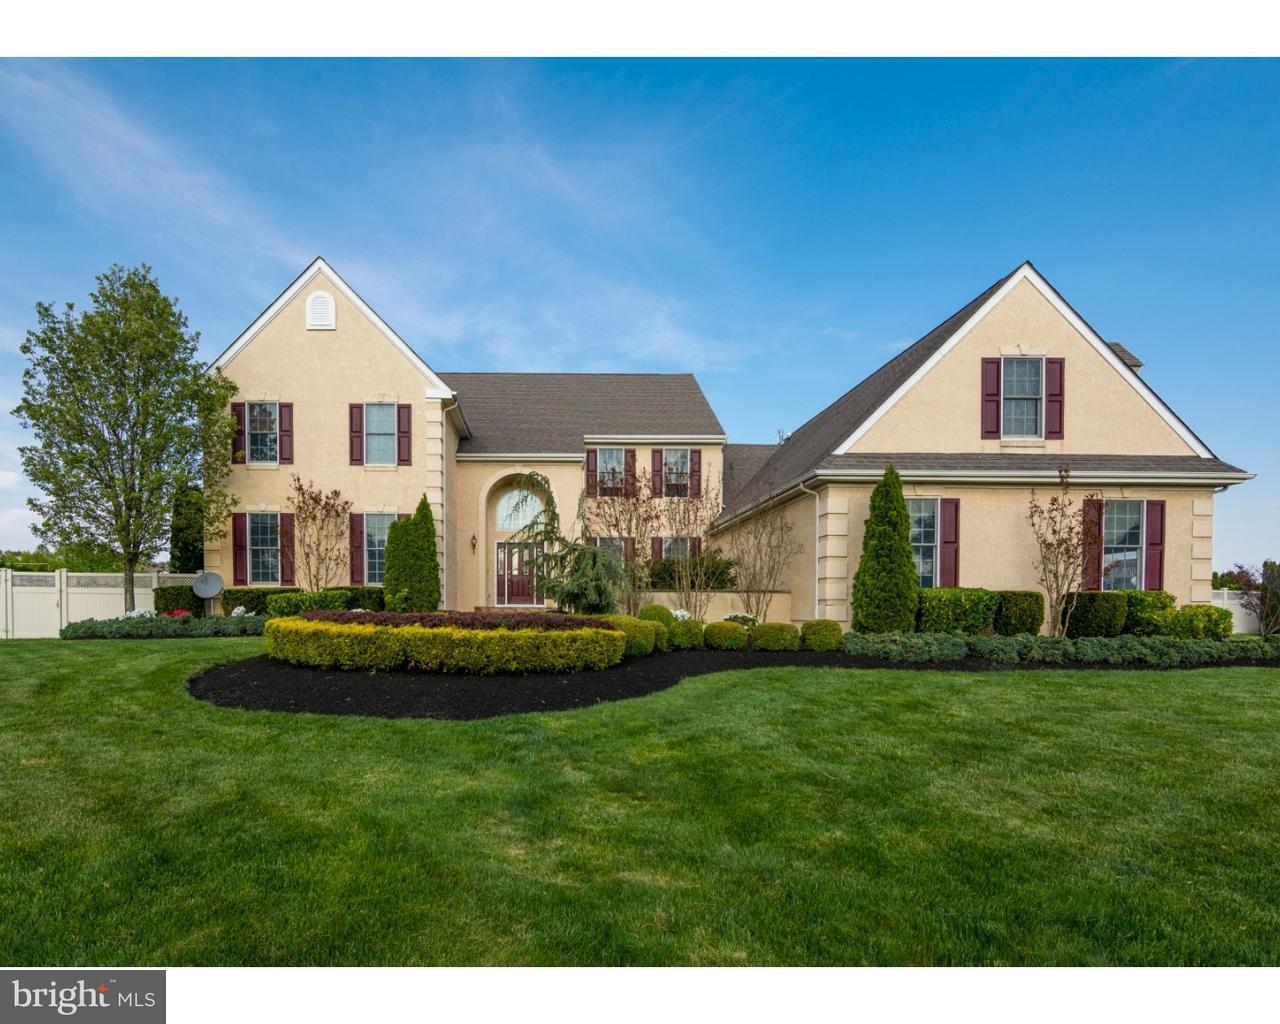 Частный односемейный дом для того Продажа на 46 LINWOOD Drive Monroe, Нью-Джерси 08831 Соединенные ШтатыВ/Около: Monroe Township